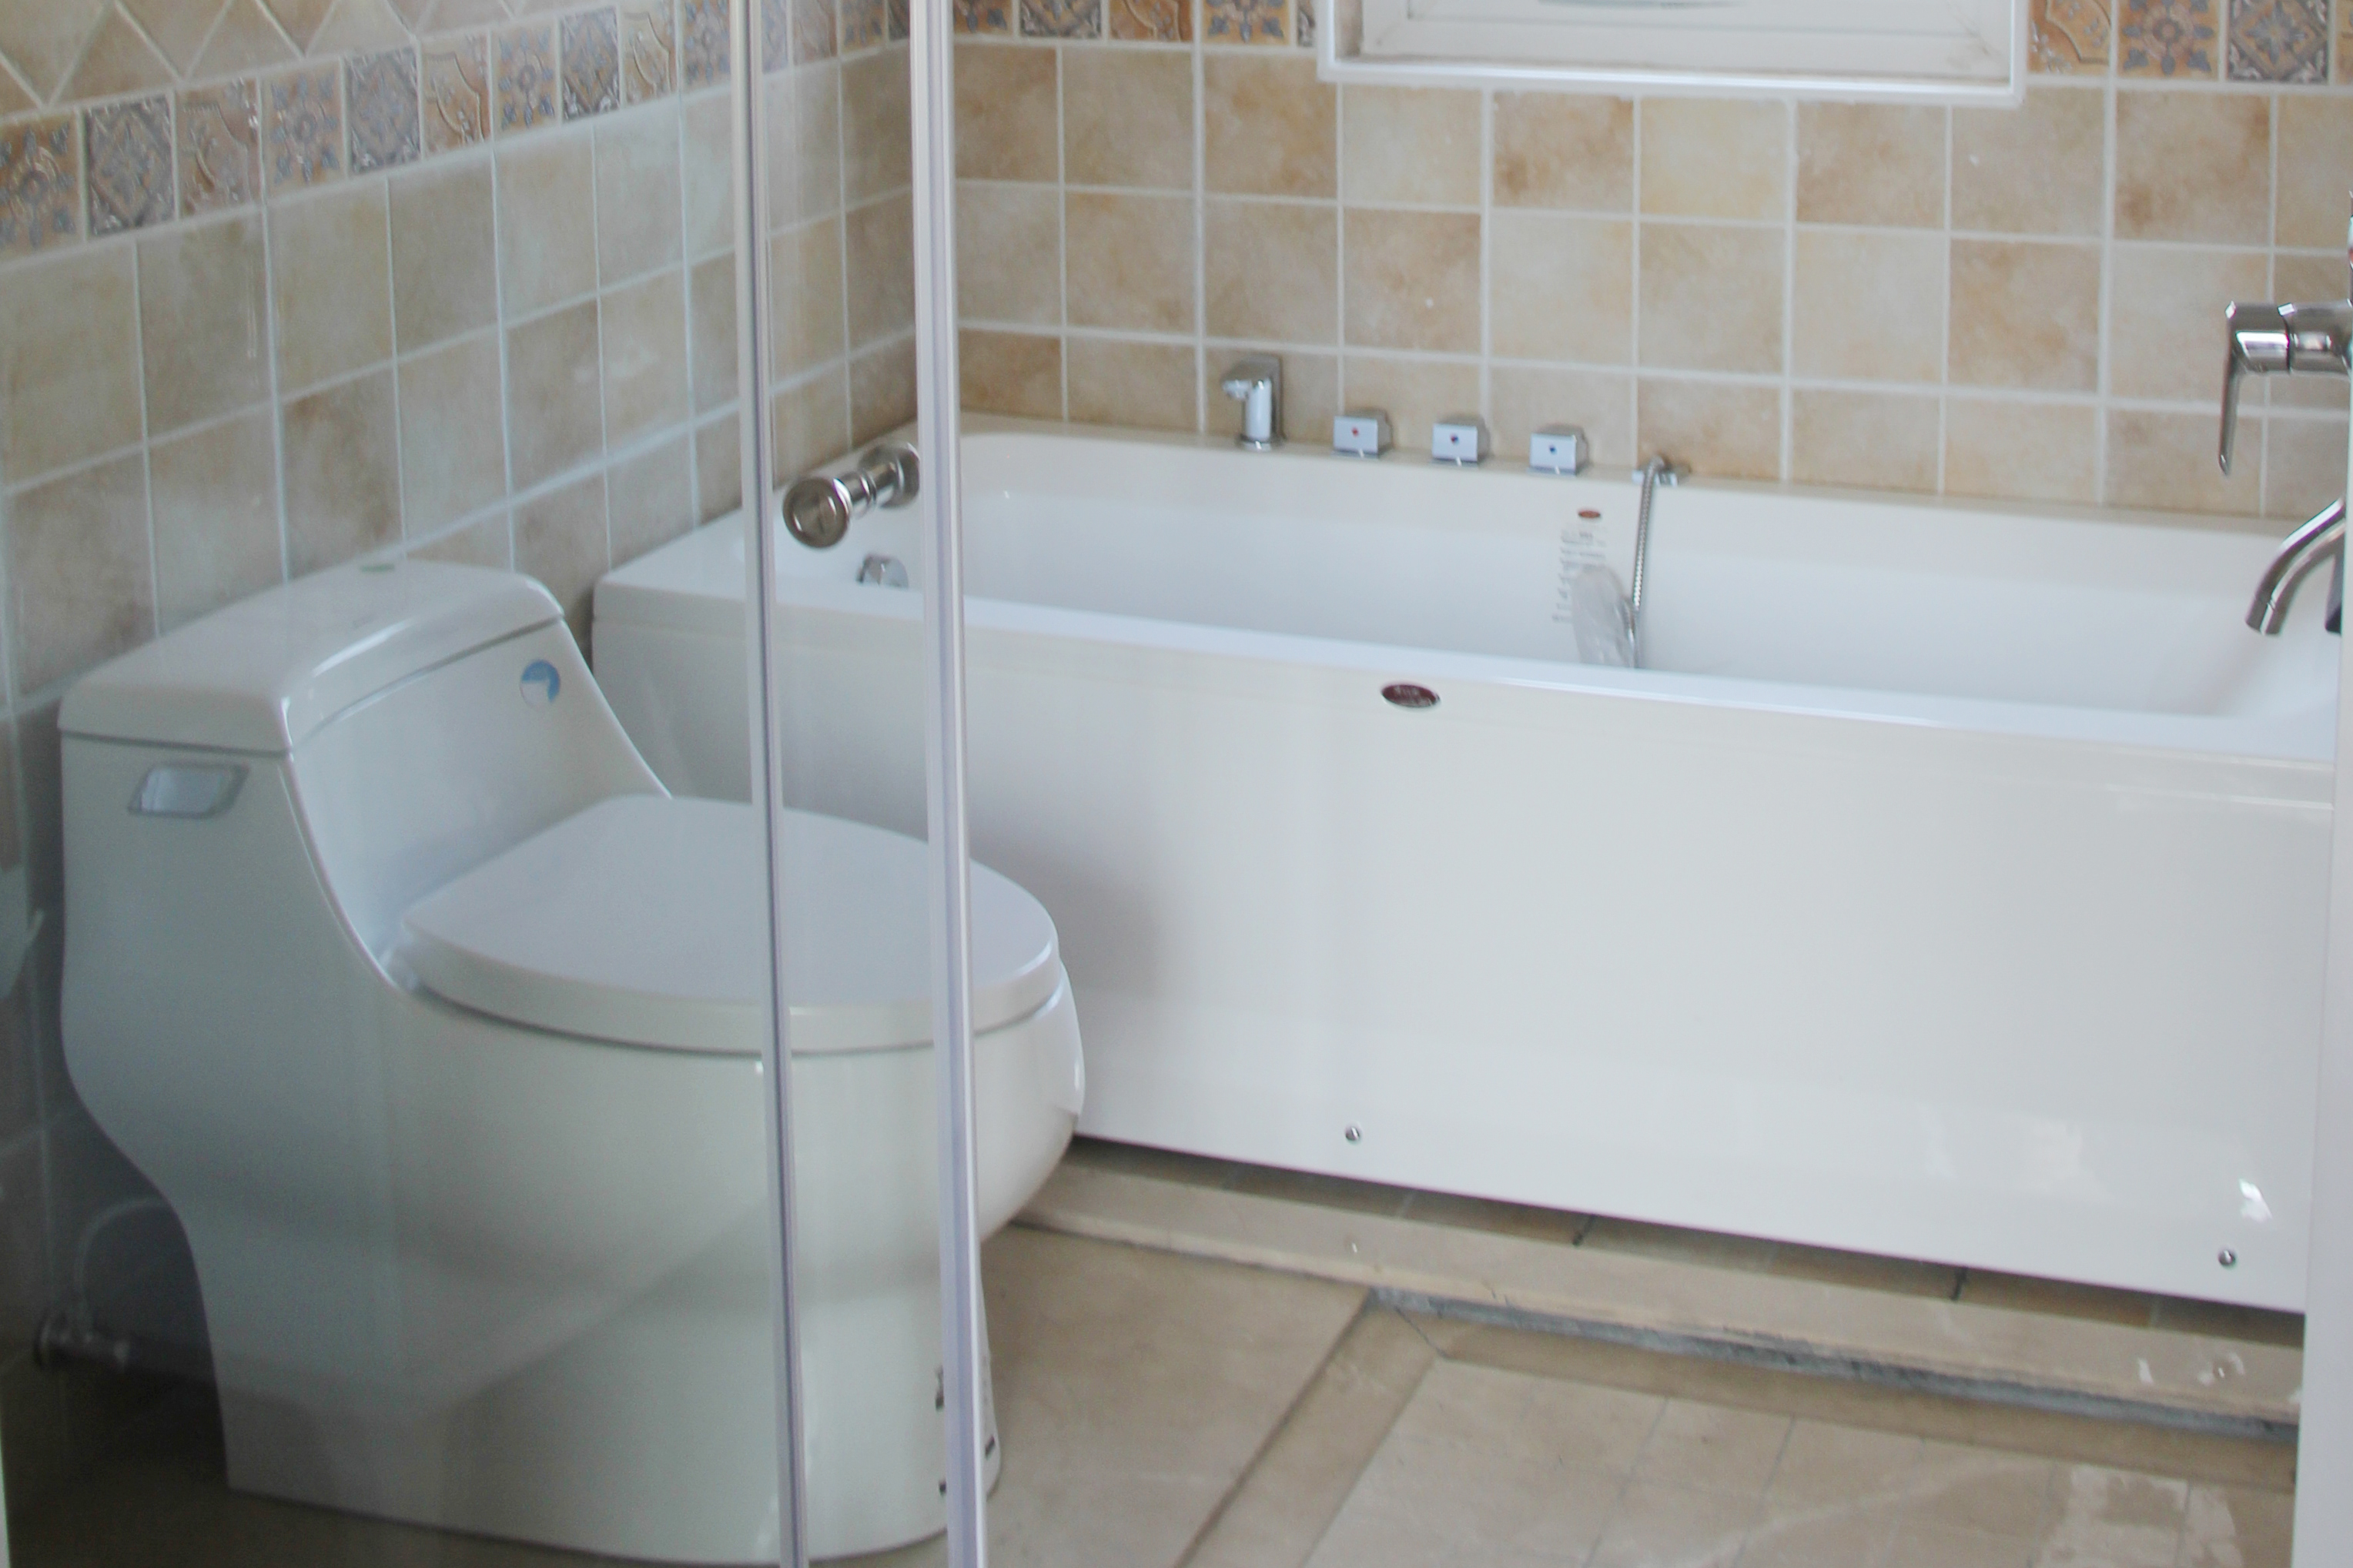 厕所 家居 设计 卫生间 卫生间装修 浴缸 装修 3056_2037